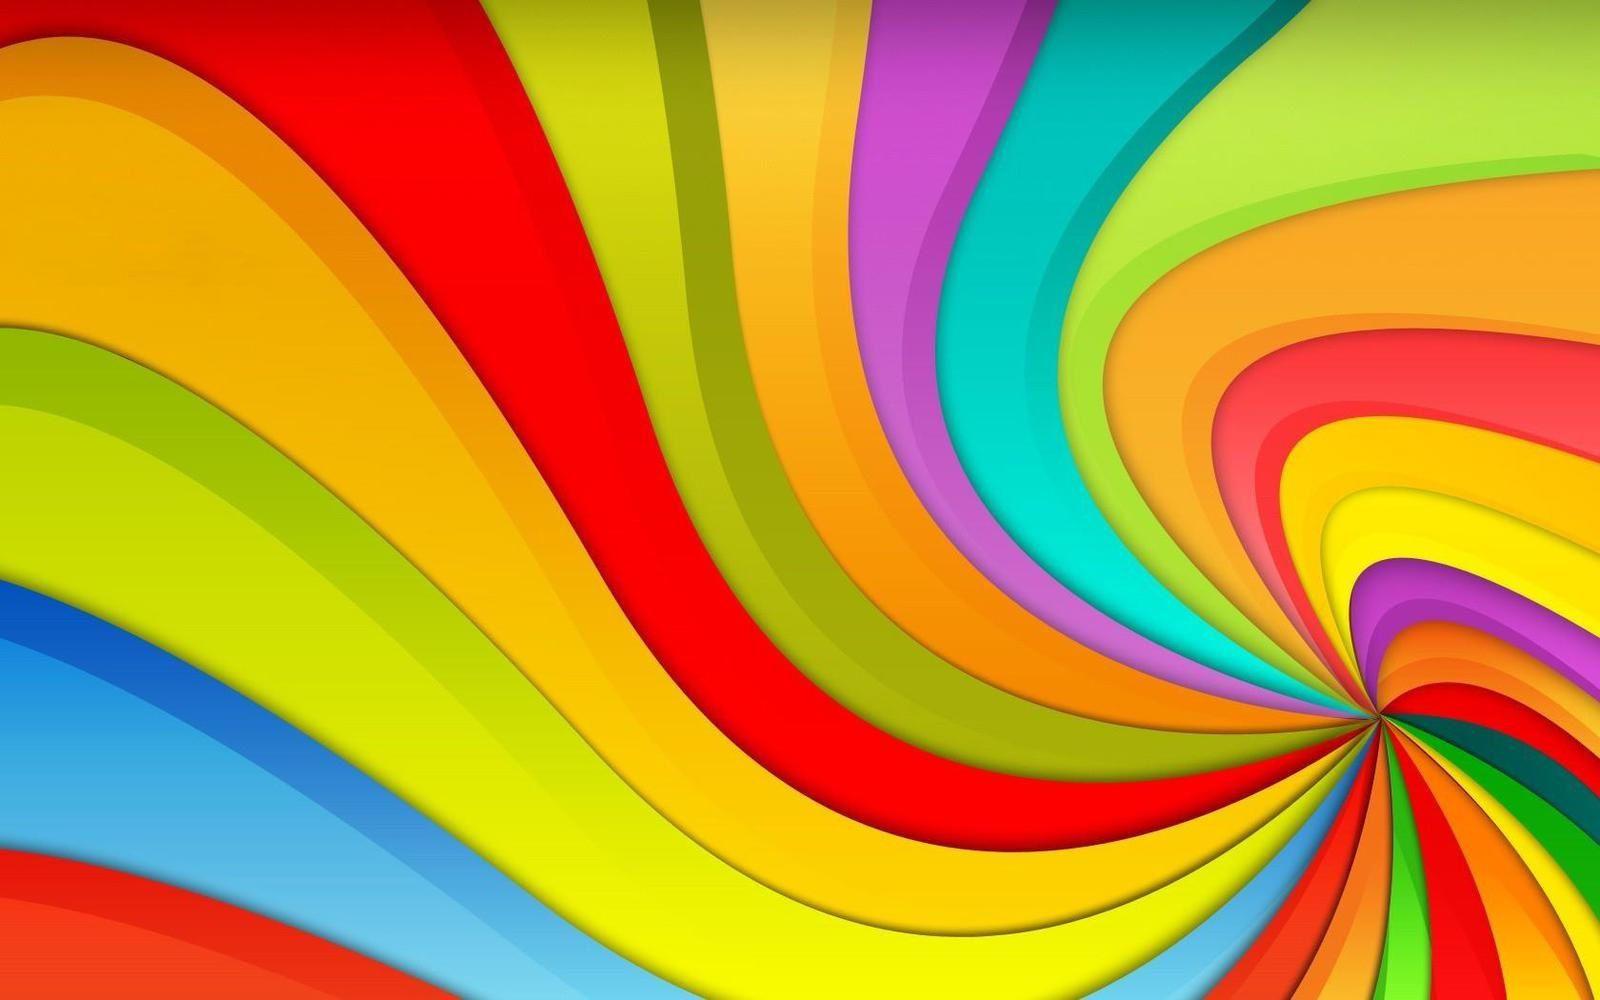 Fond d 39 cran multicolor fond d 39 cran for Fond ecran grand format